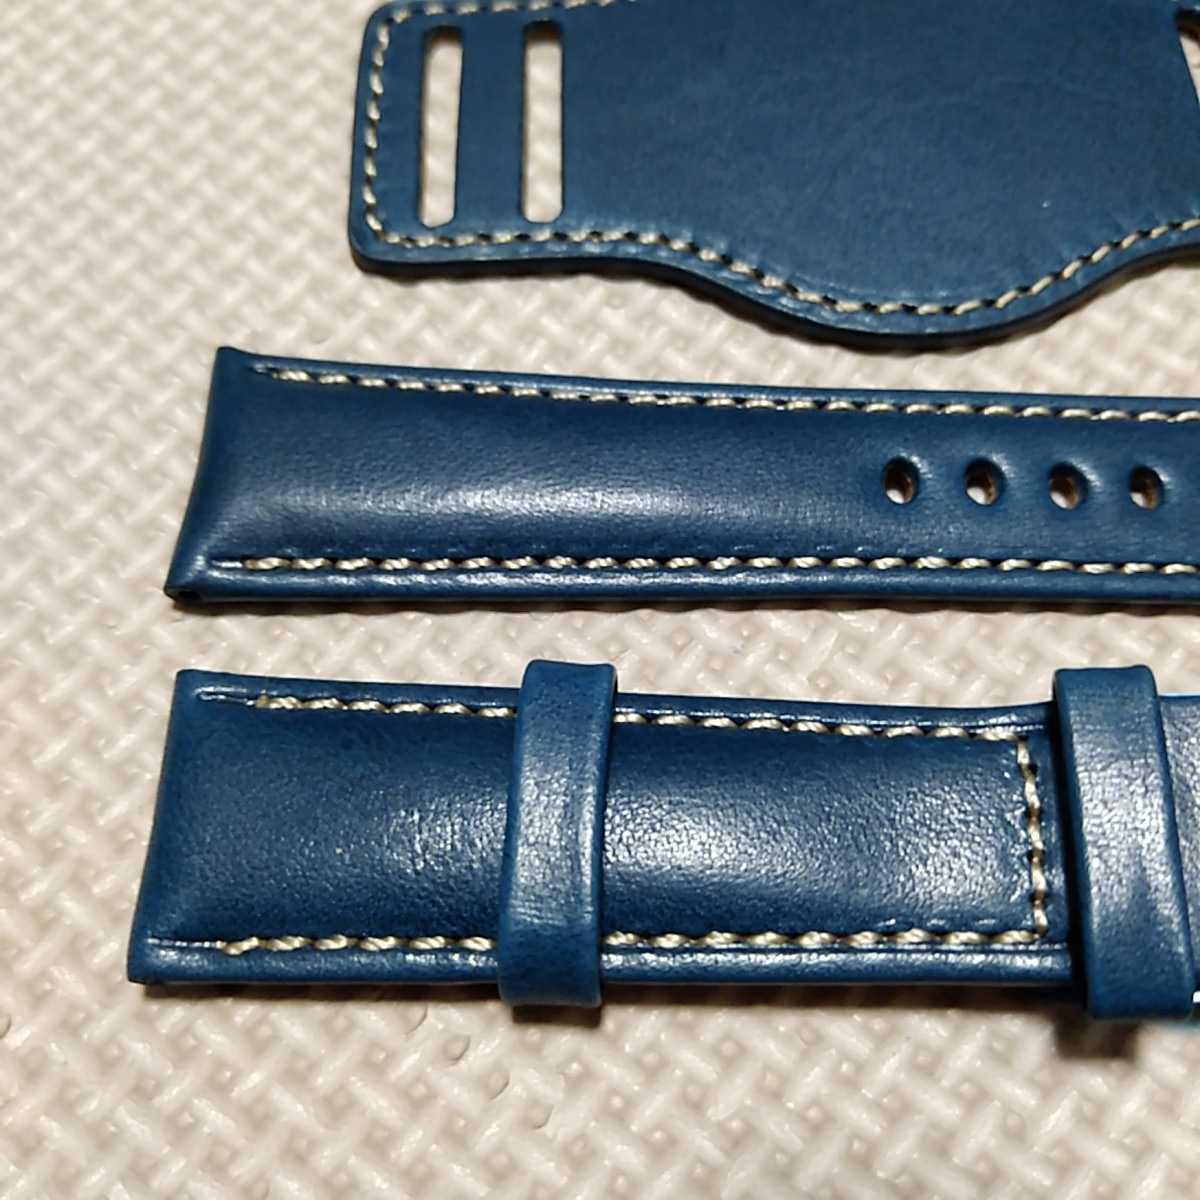 No70 ブンド BUND 本革レザーベルト 腕時計ベルト 交換用ストラップ ブルー 21mm 未使用 Dバックル 高品質 ドイツパイロット 空軍_画像2